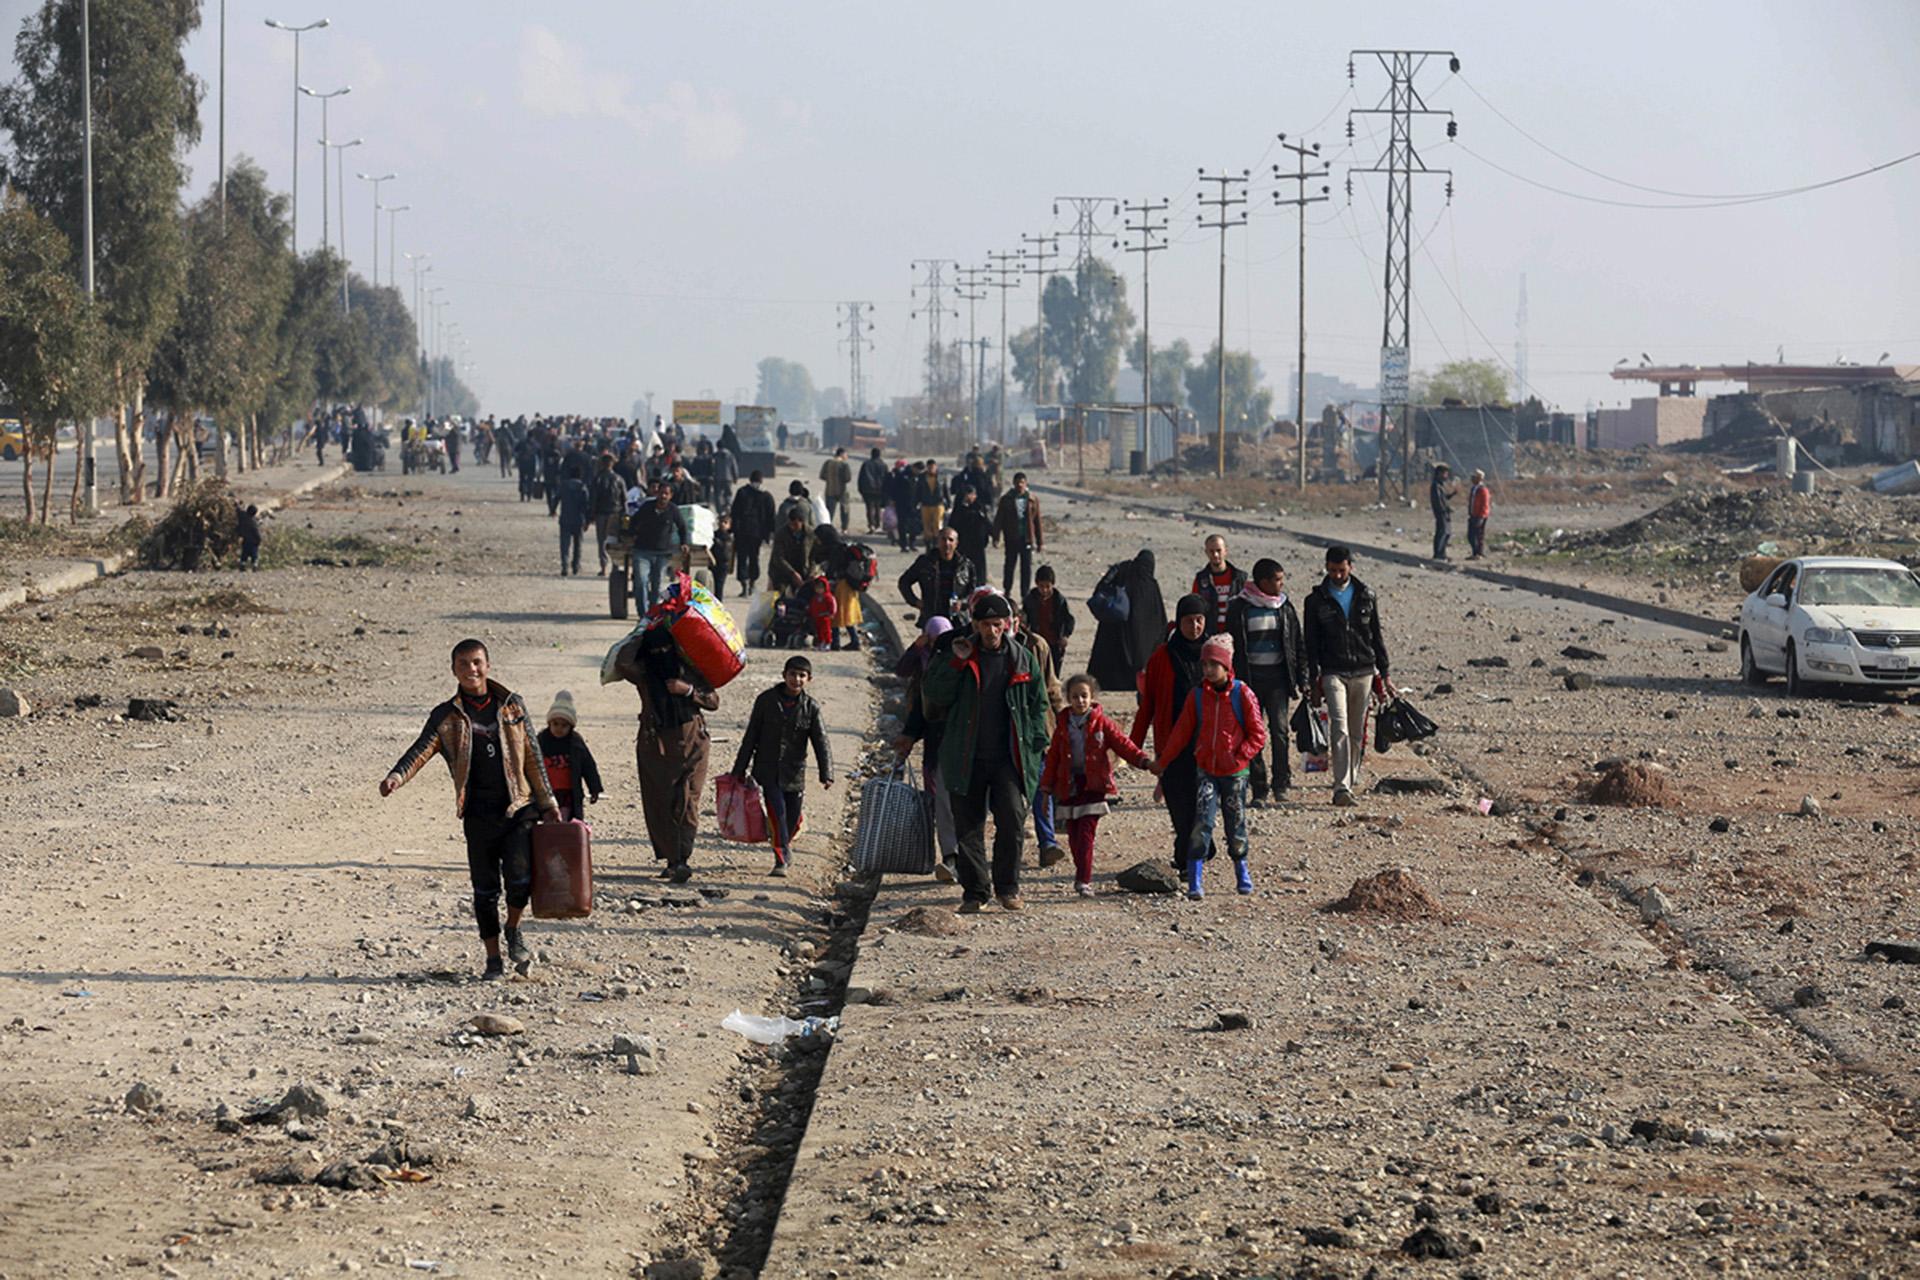 Iraquíes desplazados que escaparon de los combates vuelven a sus casas en el este de Mosul tras la victoria de las fuerzas de seguridad sobre el ISIS (AP)